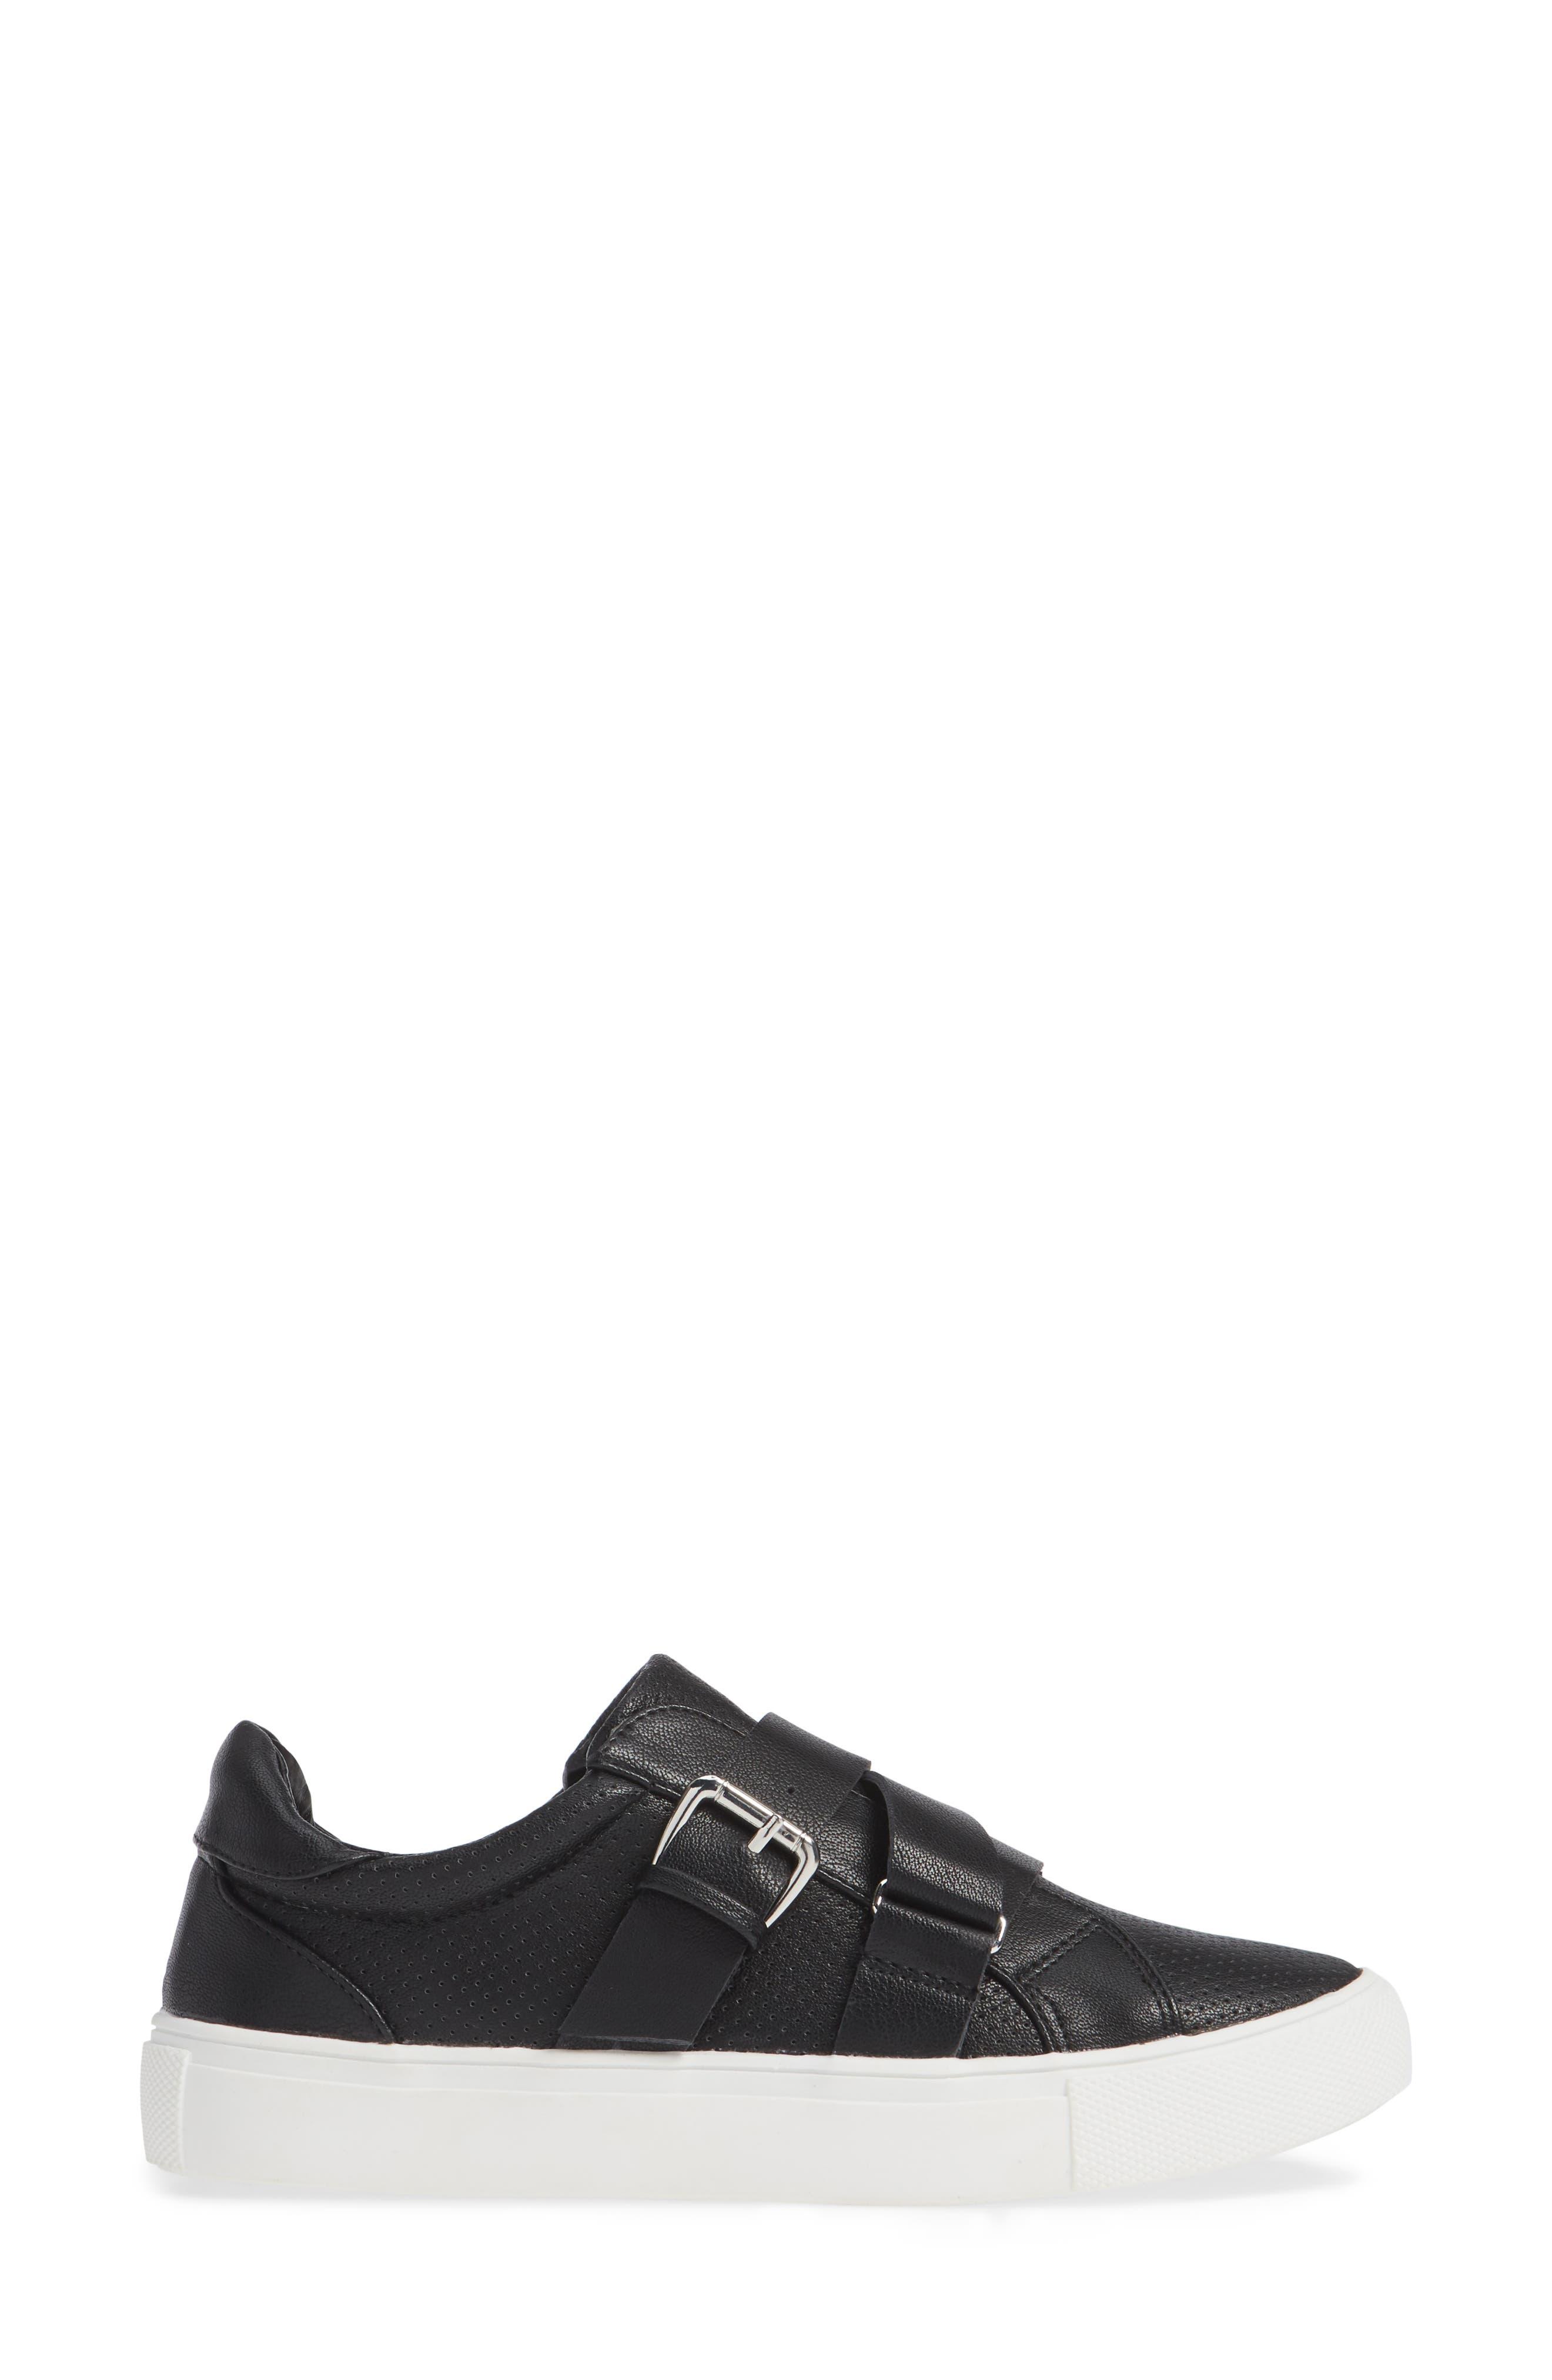 Kaelynn Sneaker,                             Alternate thumbnail 3, color,                             BLACK